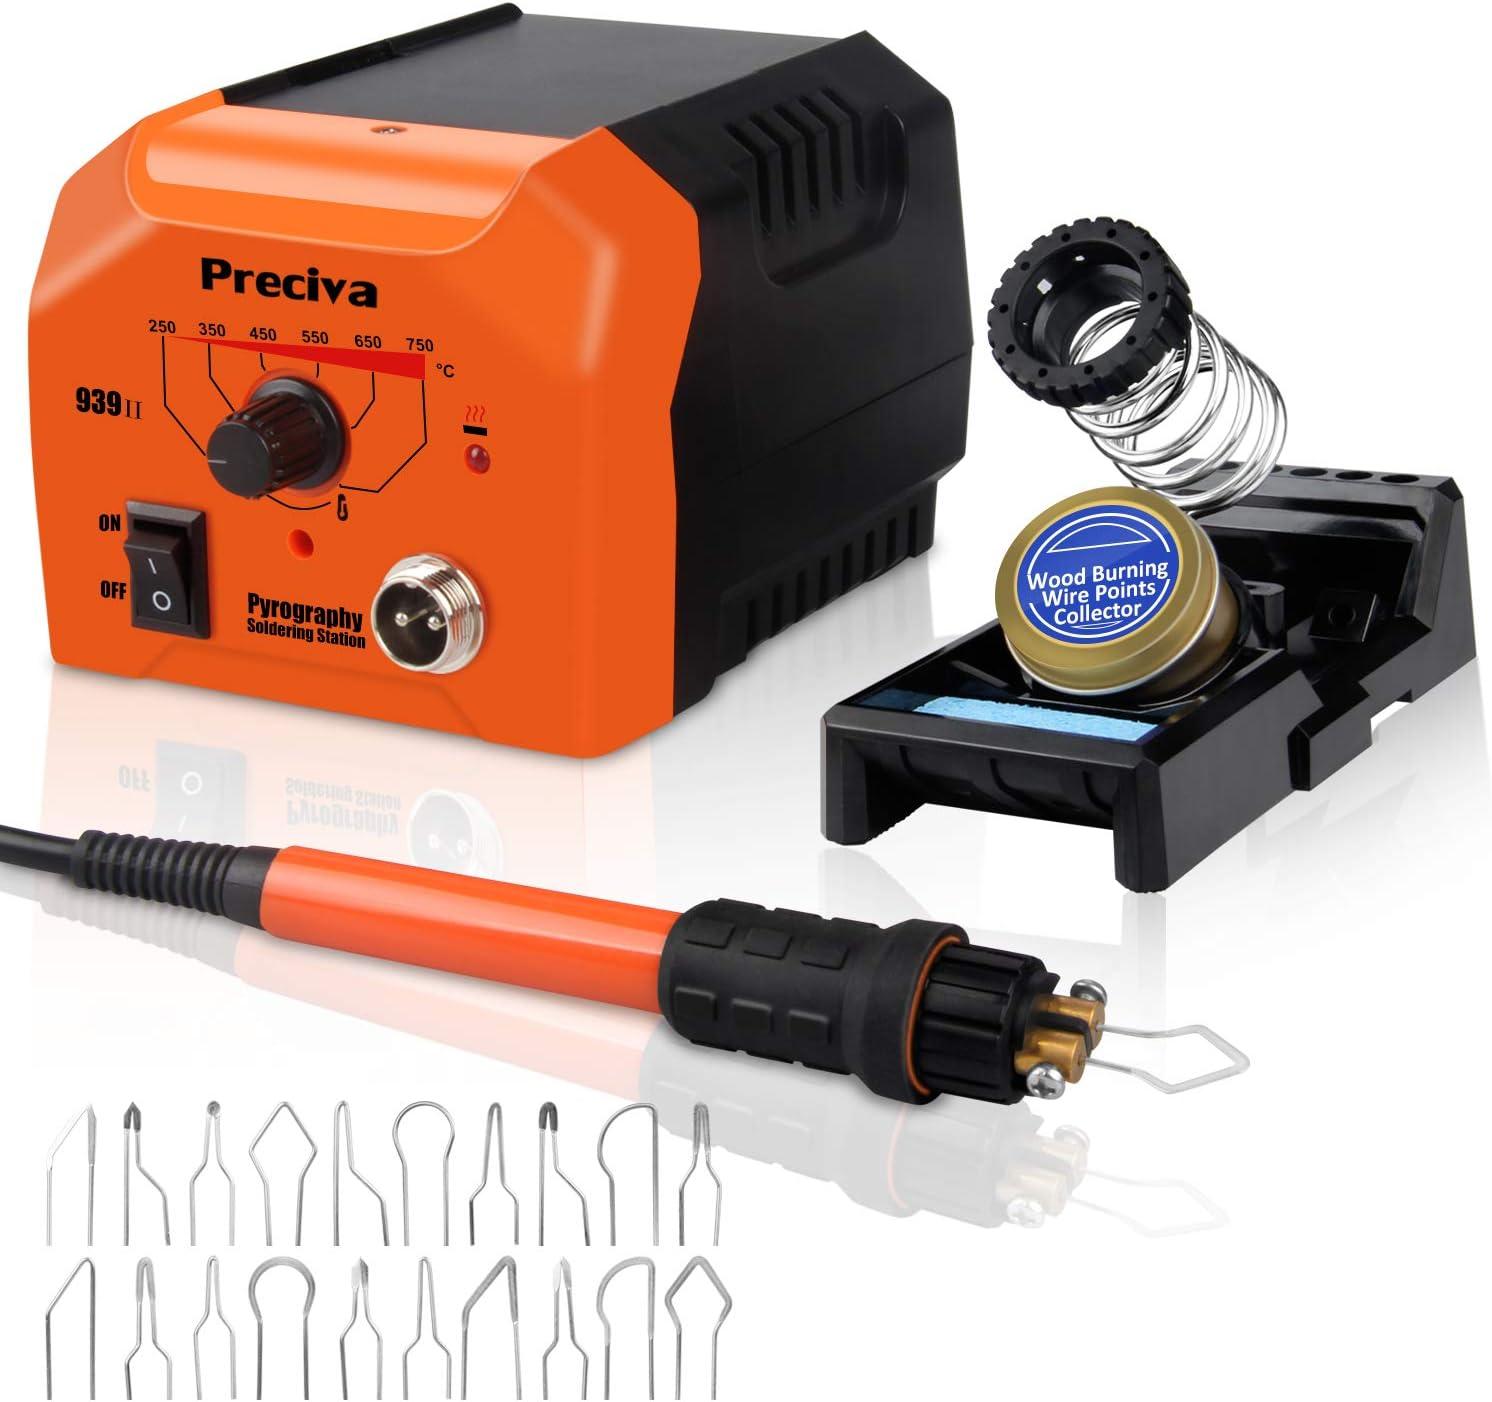 Kit de Pirograbador de Madera,Preciva 40W/220V Máquina de Pirografía de Temperatura Ajustable,Soldador Pirografo Electrico Profesional para Madera,Cuero y Corcho.